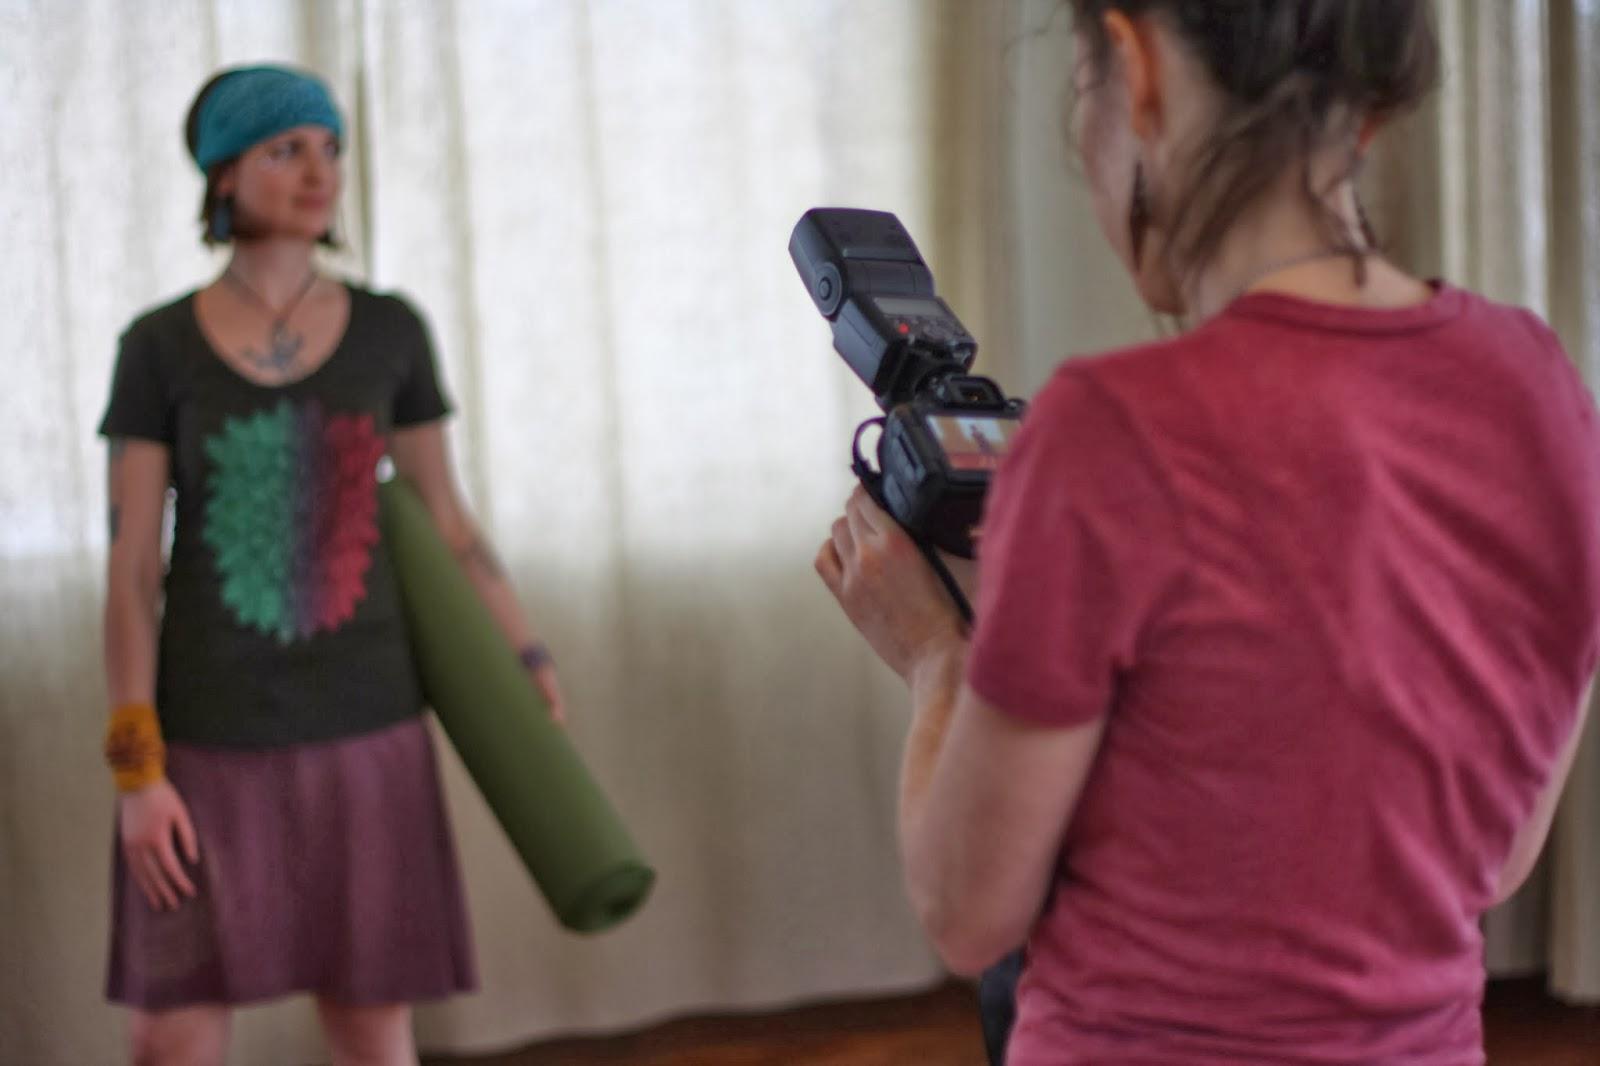 soul+flower+yoga+lookbook - Yoga Shoot: Behind the Scenes